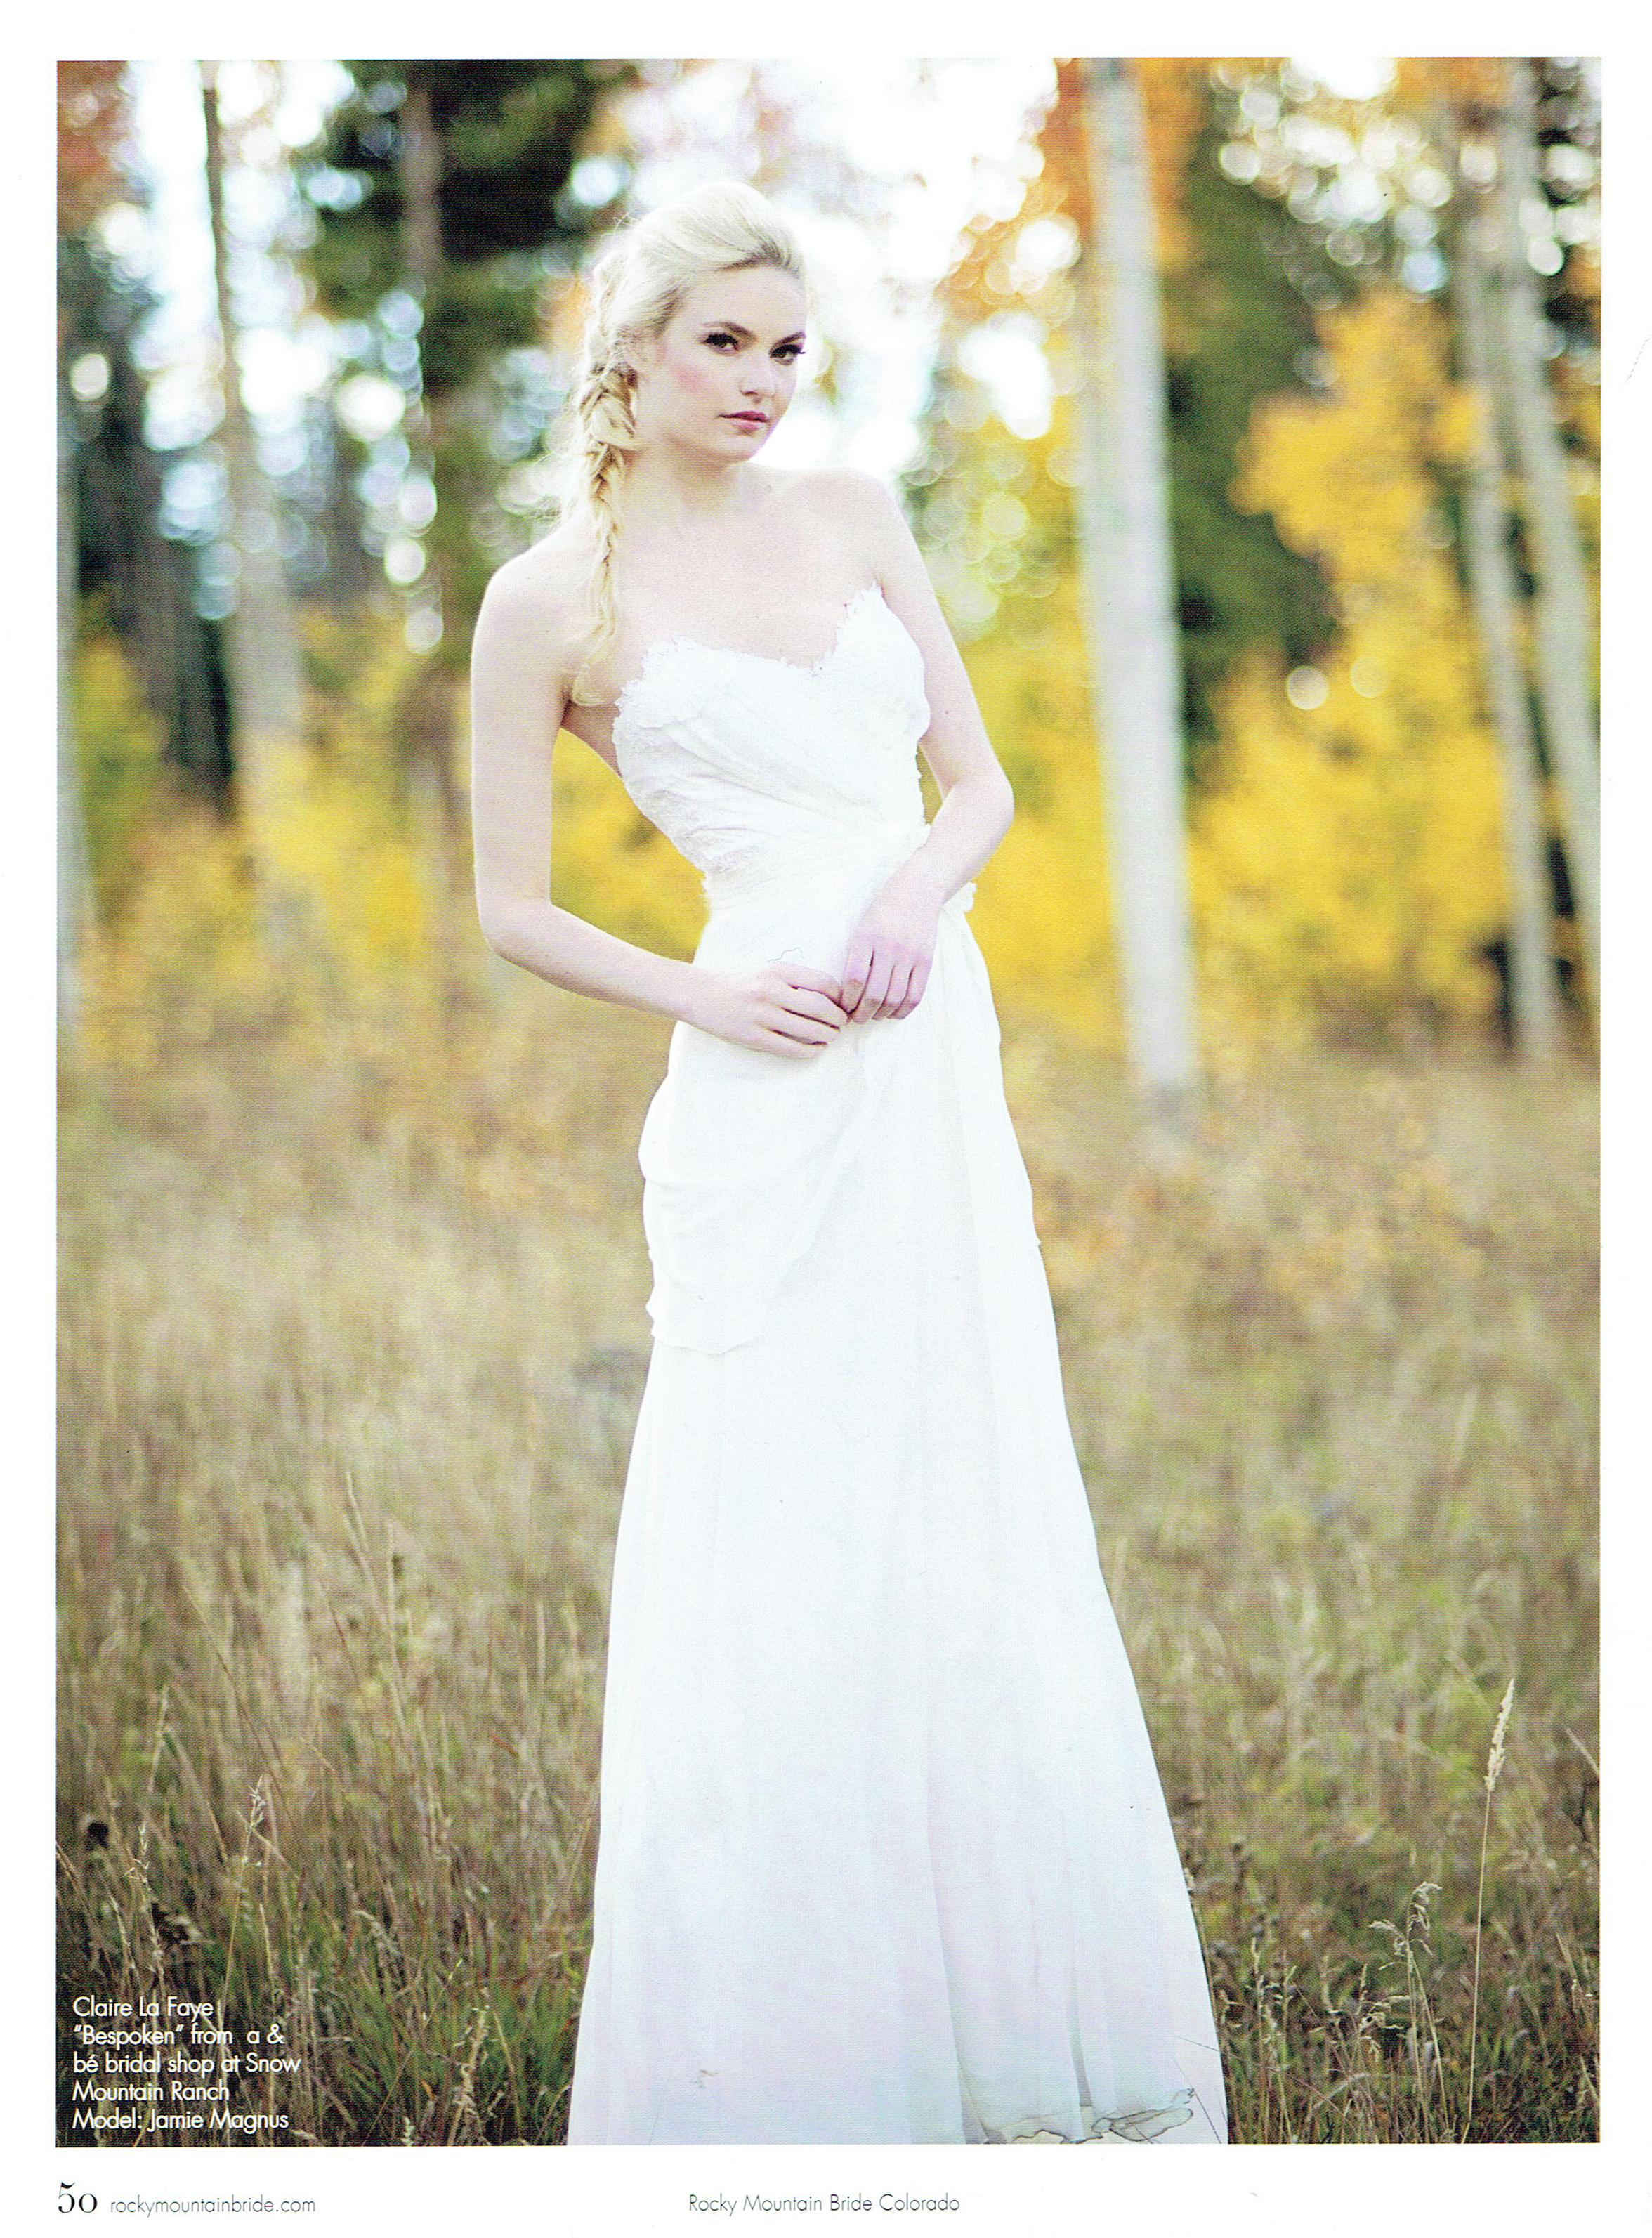 Rocky Mountain Bride Colorado - Fall 2014